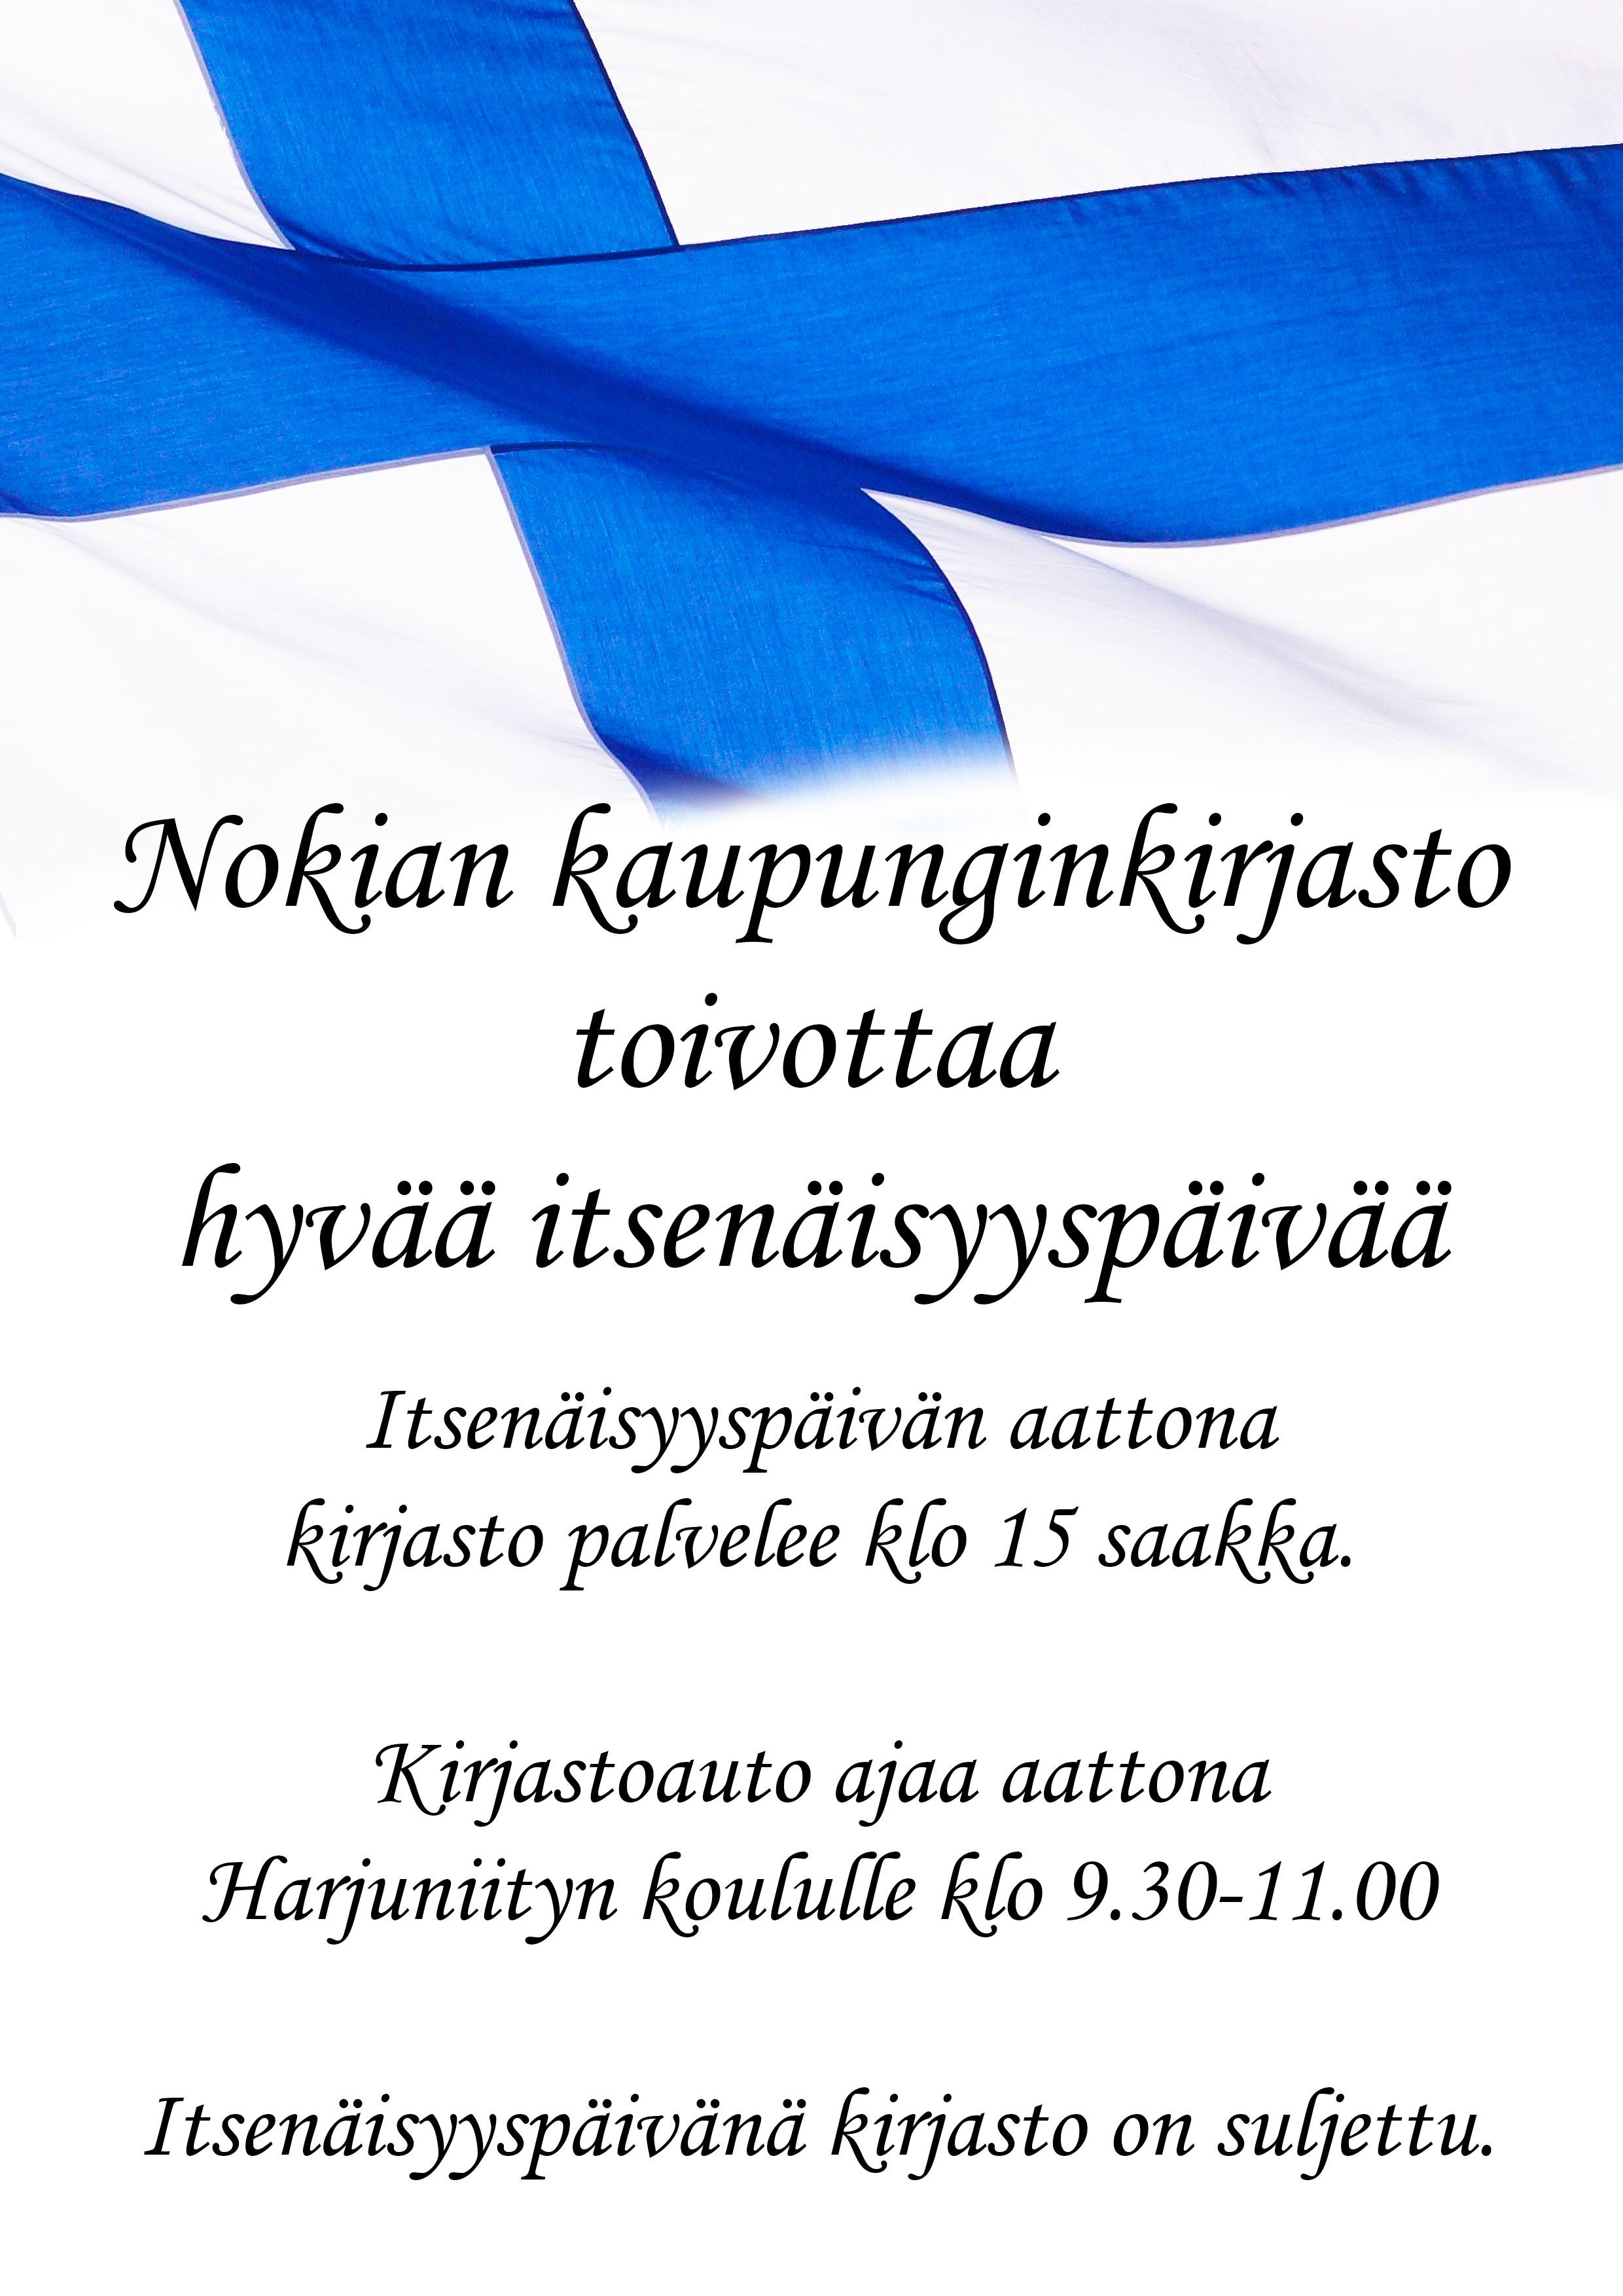 Itsenäisyyspäivän aukioloajat kaupunginkirjastolla - Nokian kaupunki 773d06aff1